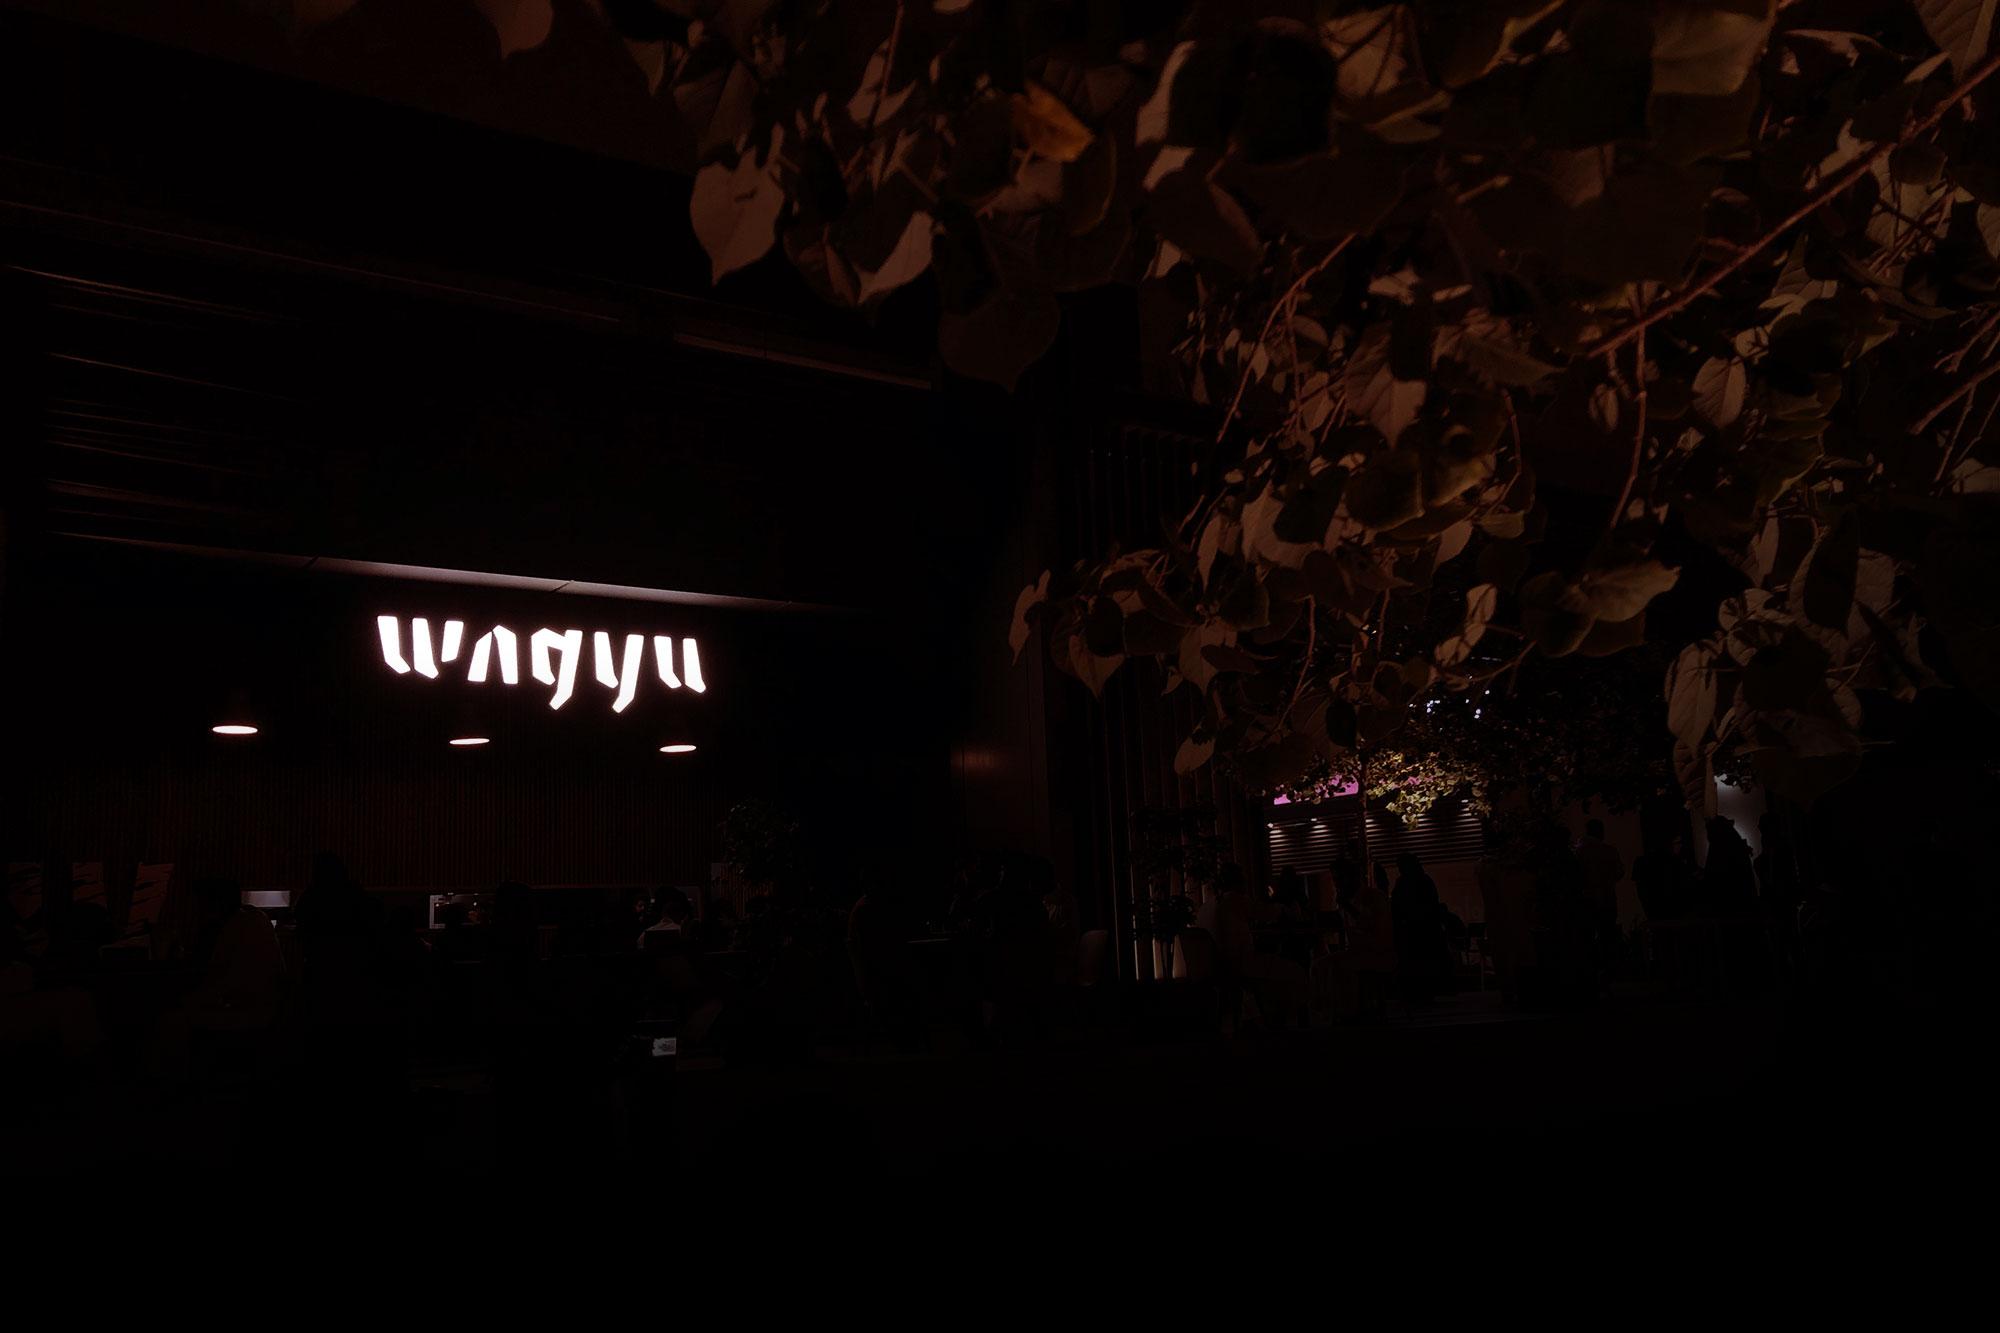 Wagyu-Work-By-YaStudio-RiyadhFront-Sign1